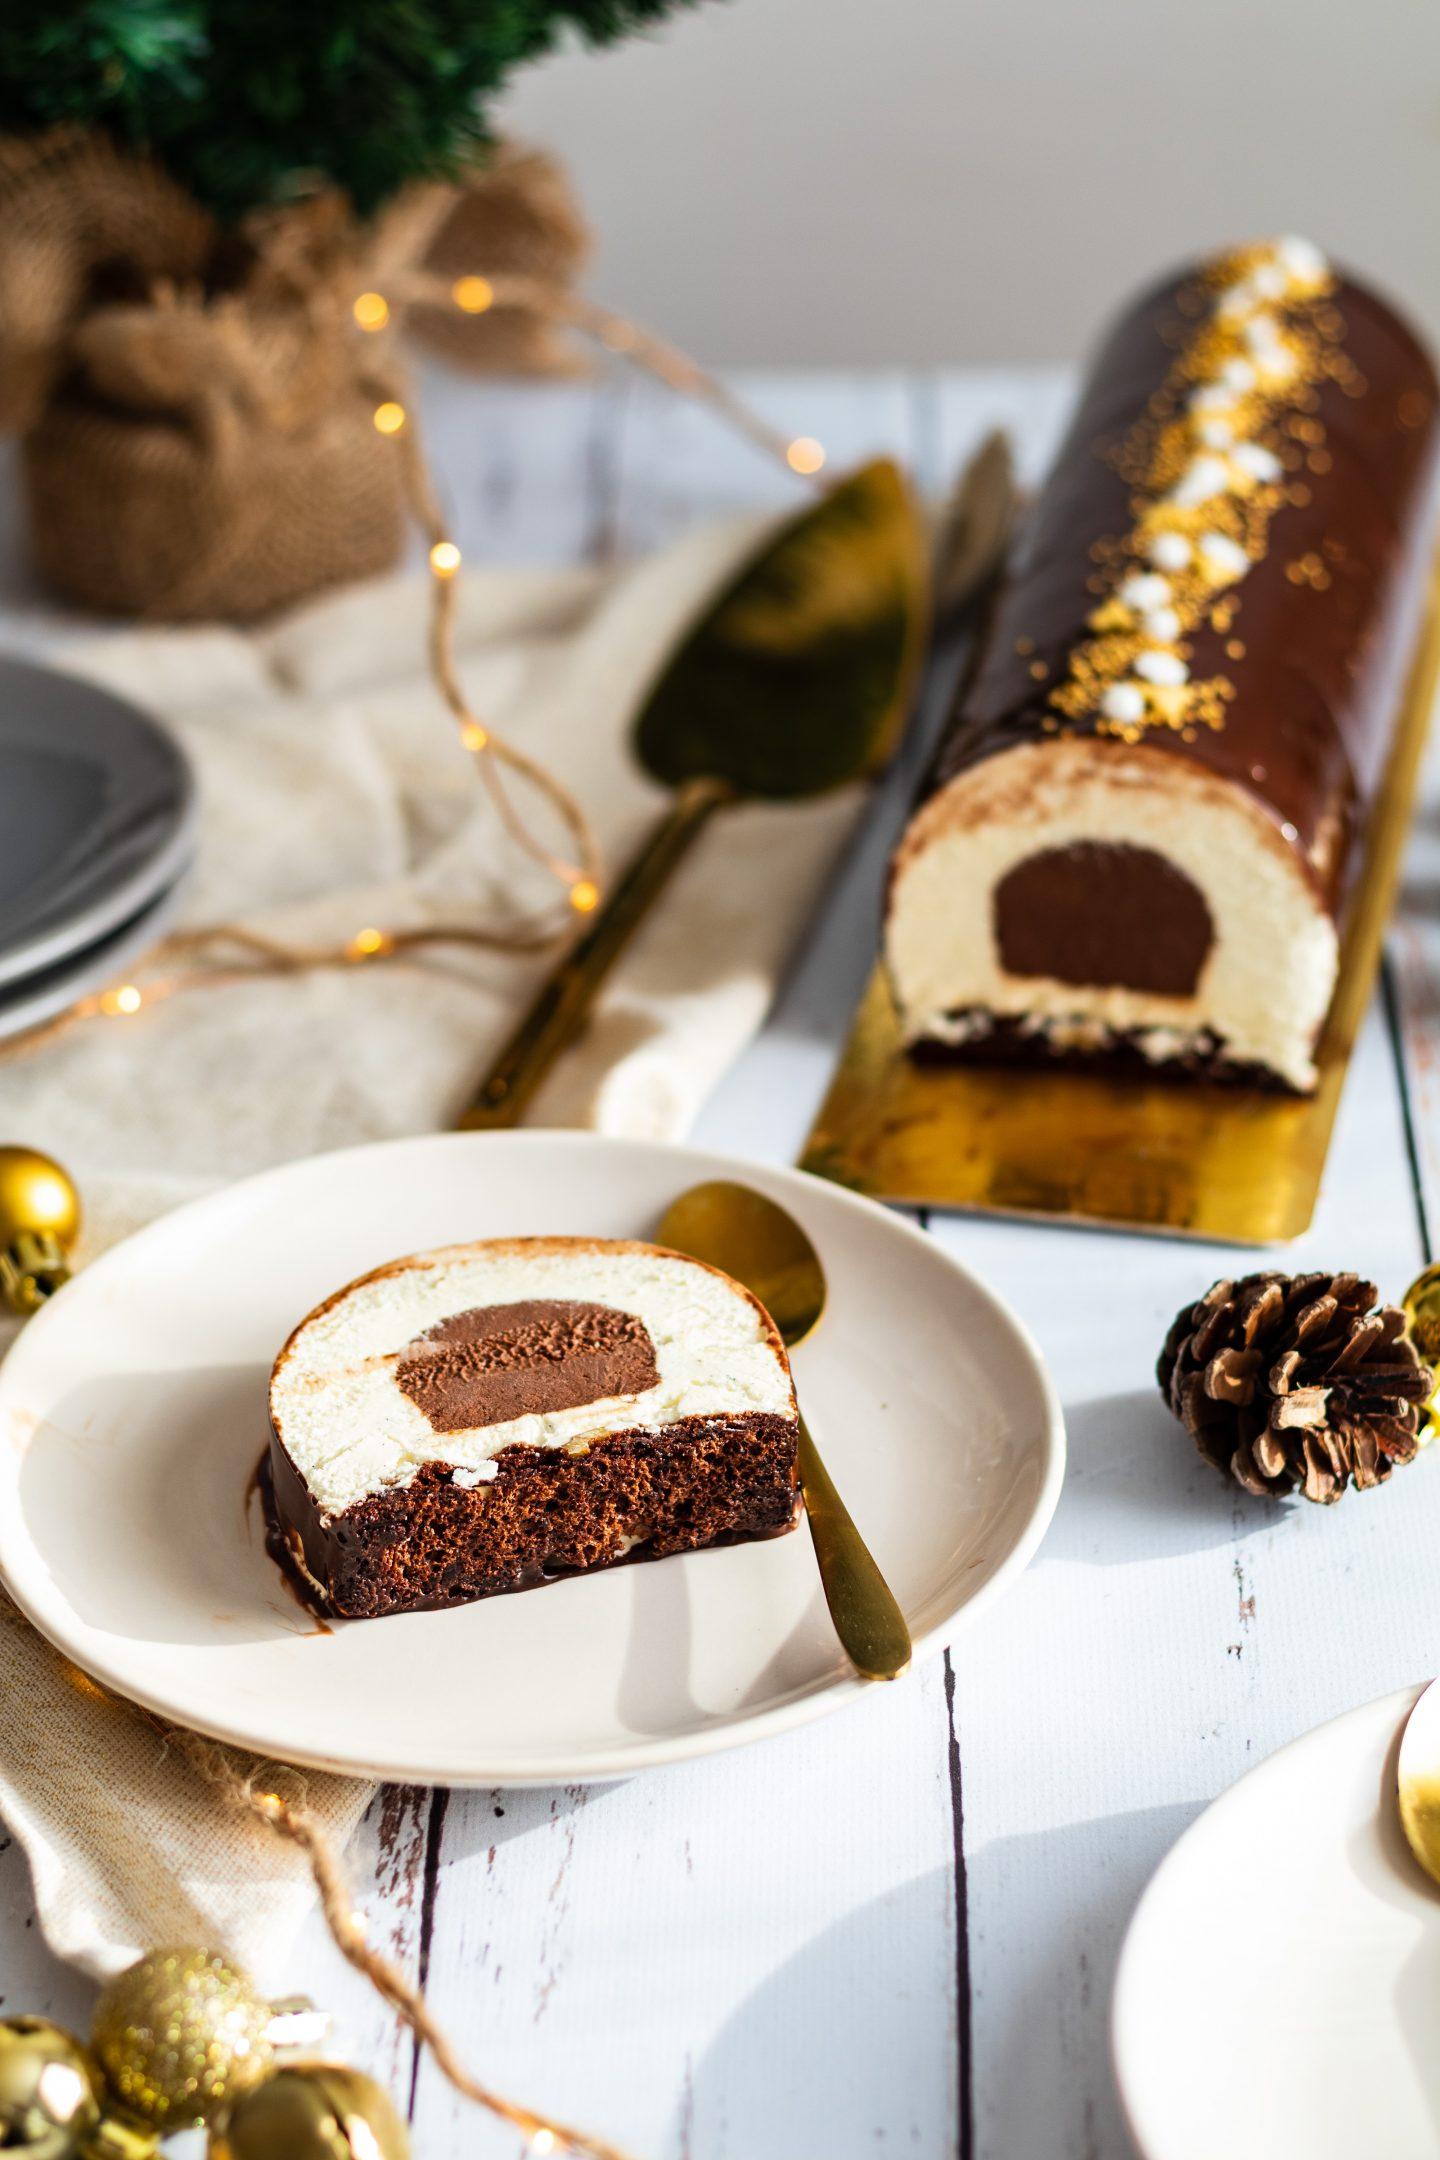 Recette bûche de Noël chocolat et vanille